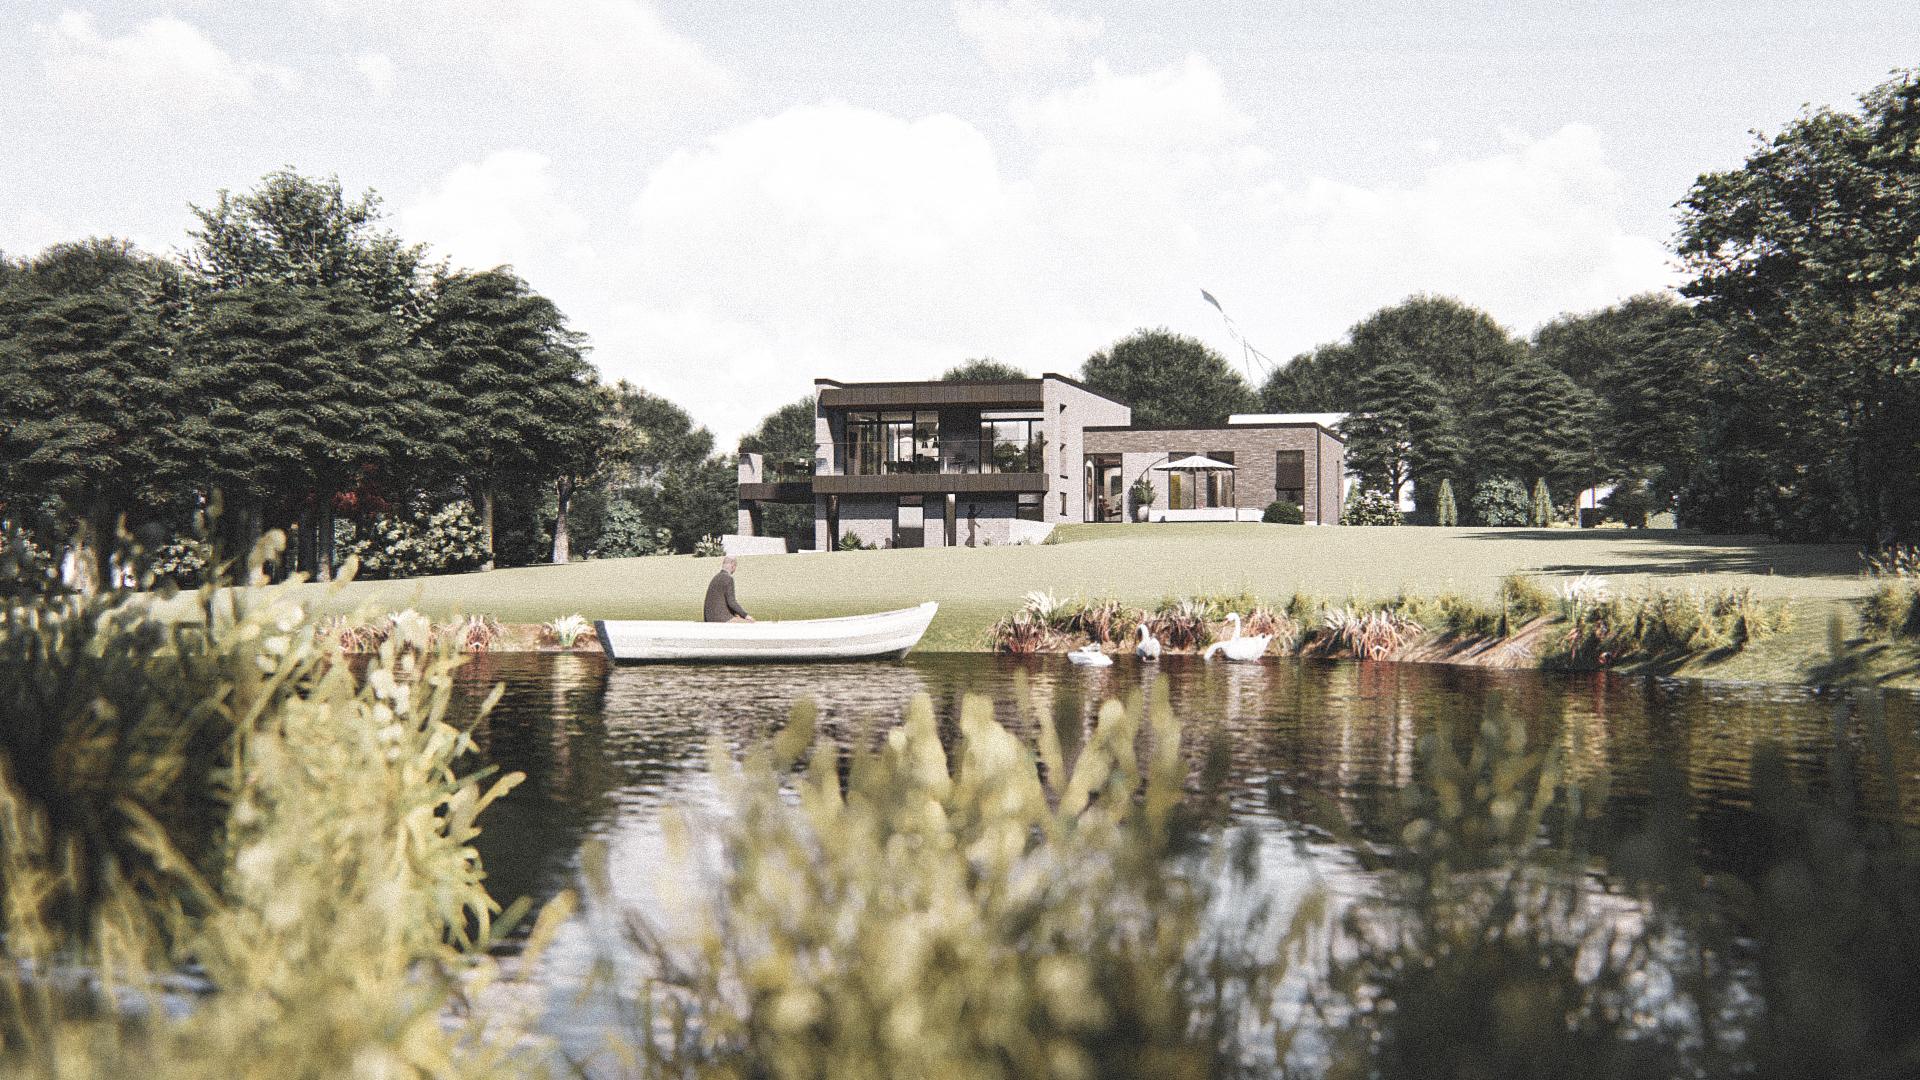 Billede af Dansk arkitekttegnet parterreplan villa af arkitektfirmaet m2plus, i Næstved på 260 kvartratmeter.